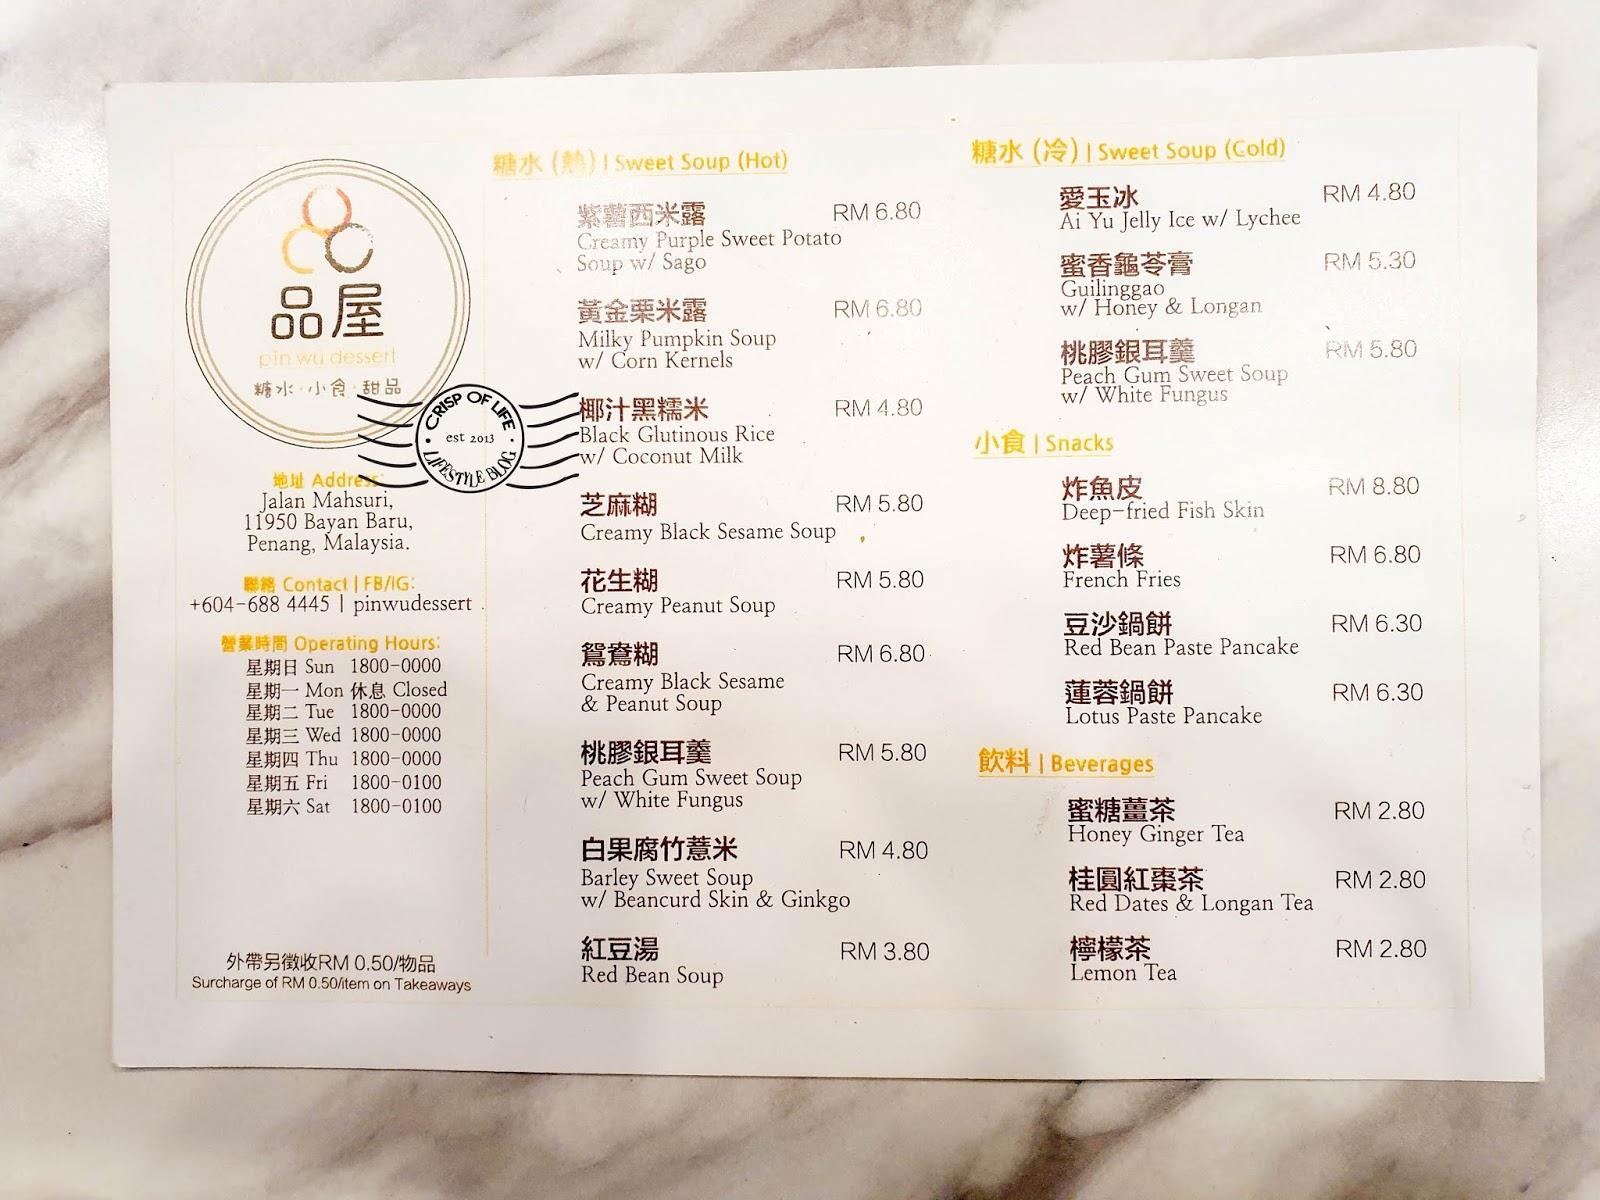 品屋 Pin Wu Dessert @ Bayan Baru, Penang